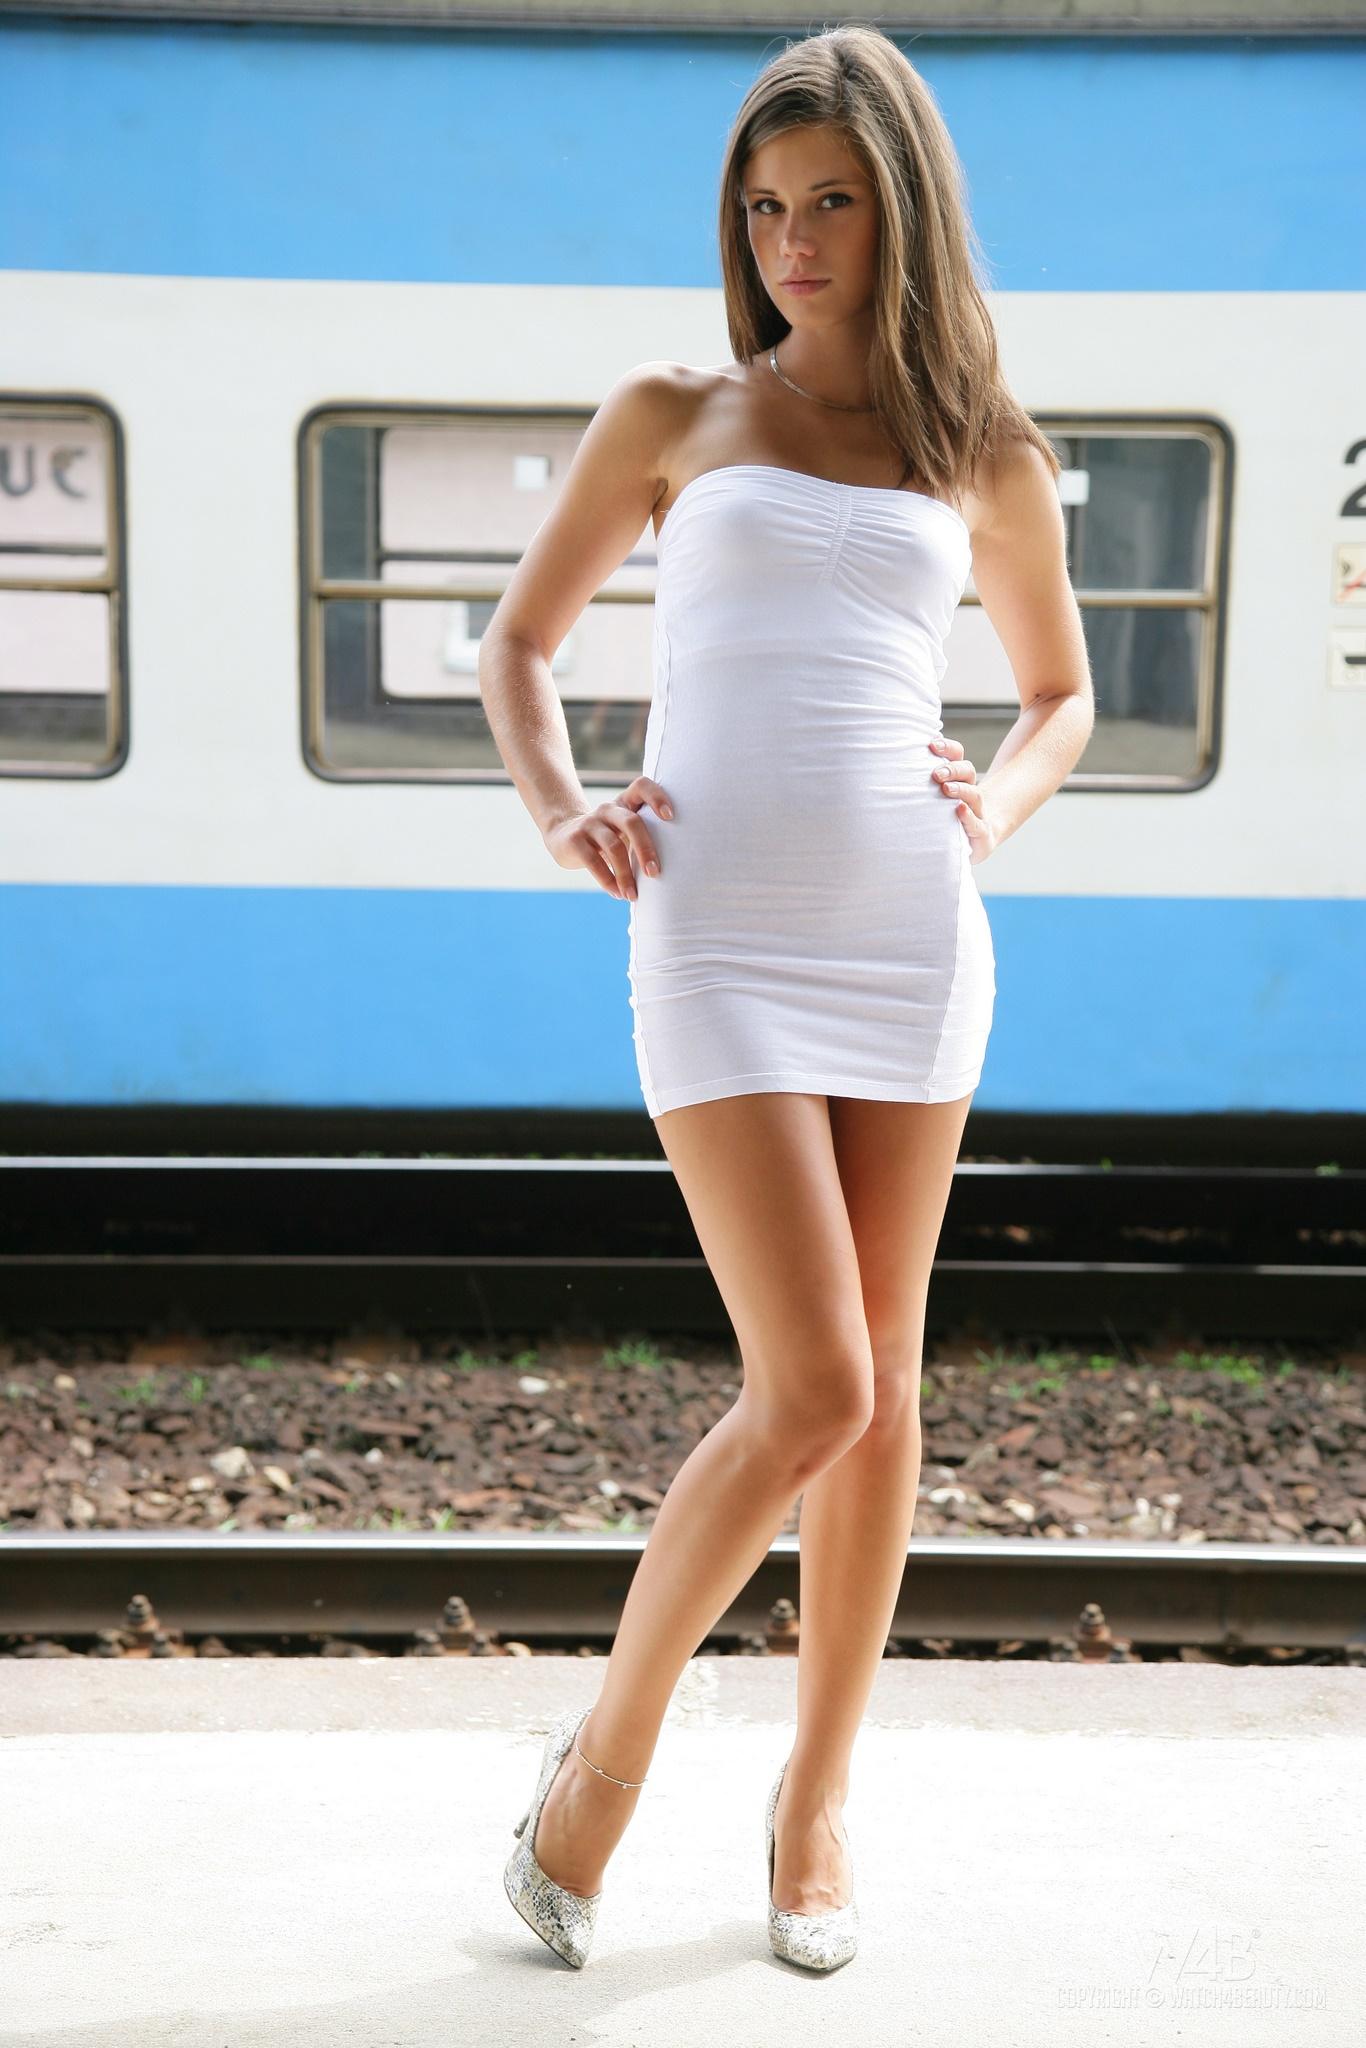 фото видео русских девушек знаменитостей голых